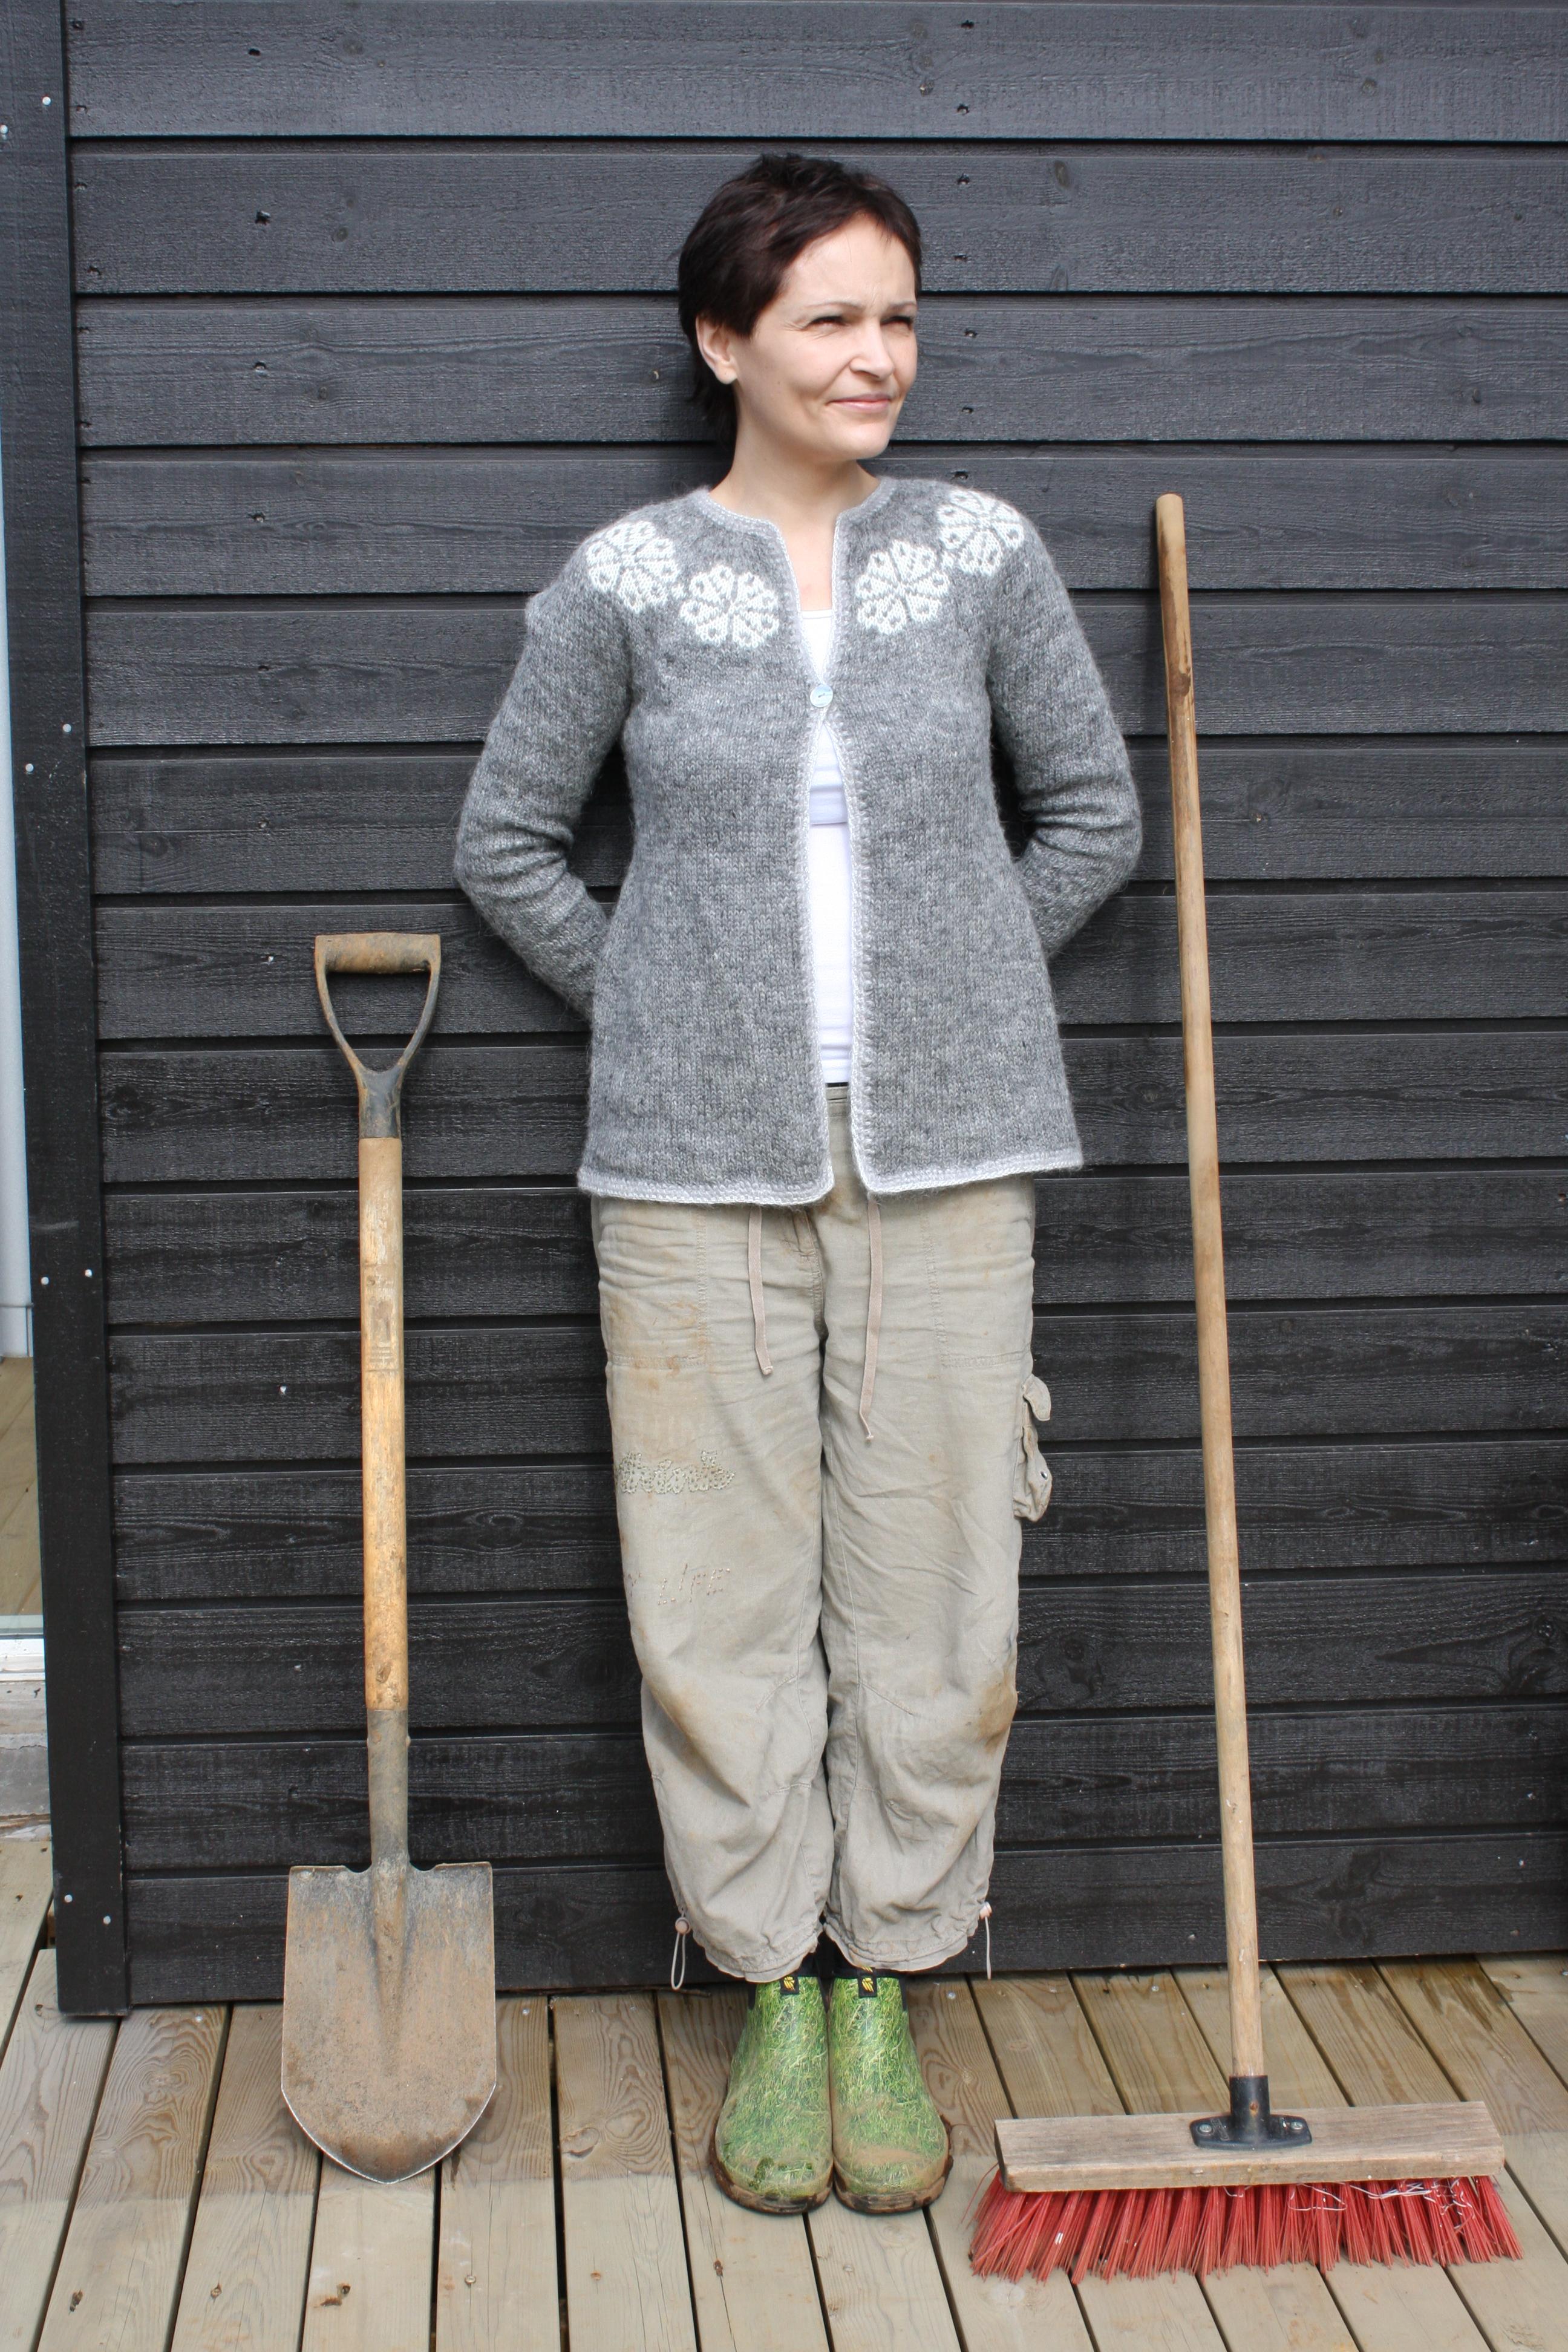 Knitted Balls Pattern : FREE LOPI SWEATER PATTERNS   Free Patterns